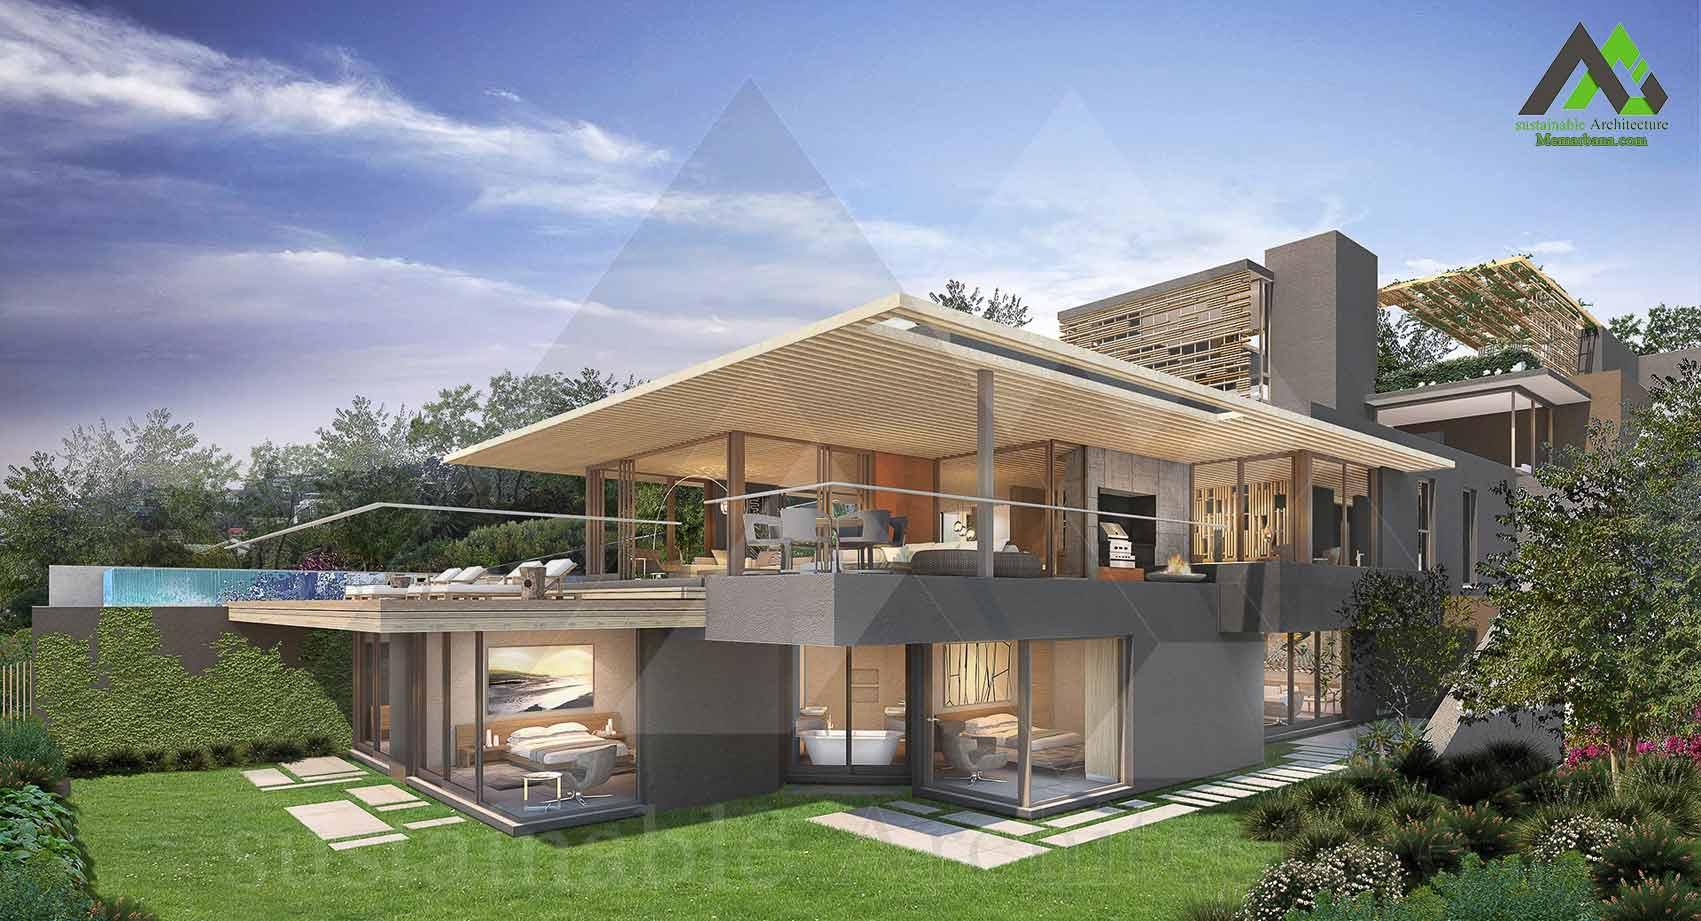 طراحی خانه ویلایی لوکس